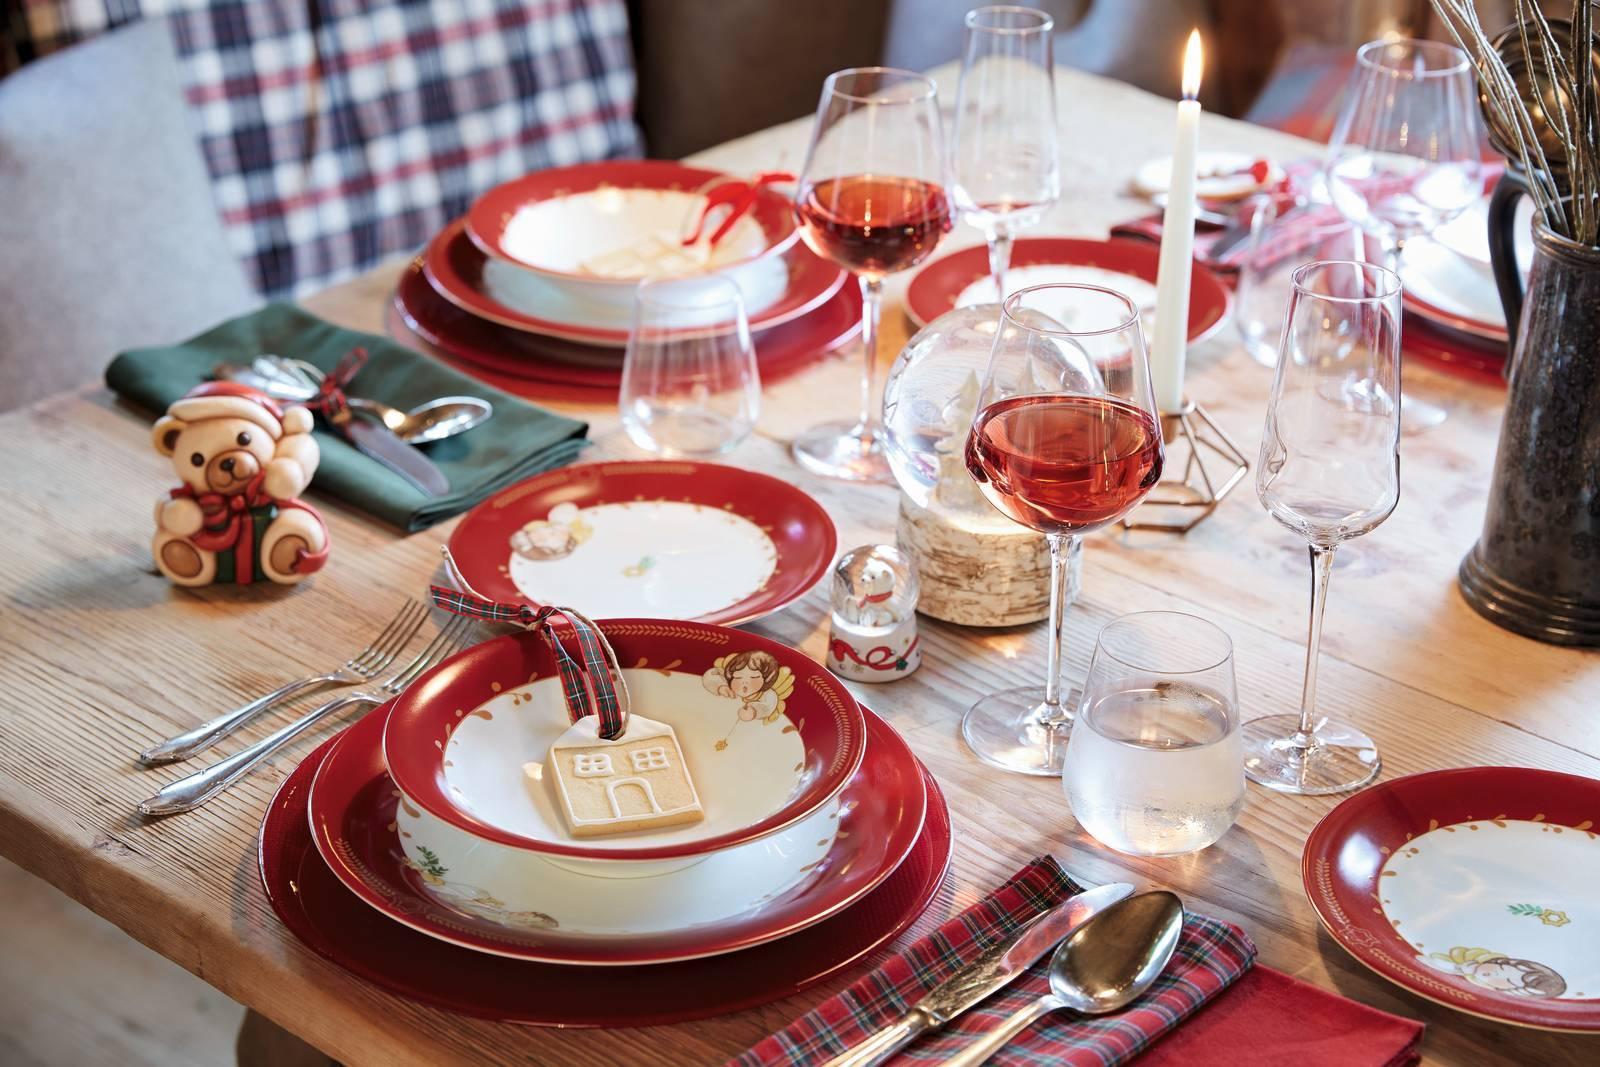 Apparecchiare Tavola In Terrazza tavola di natale: 15 soluzioni cui ispirarsi per le feste a